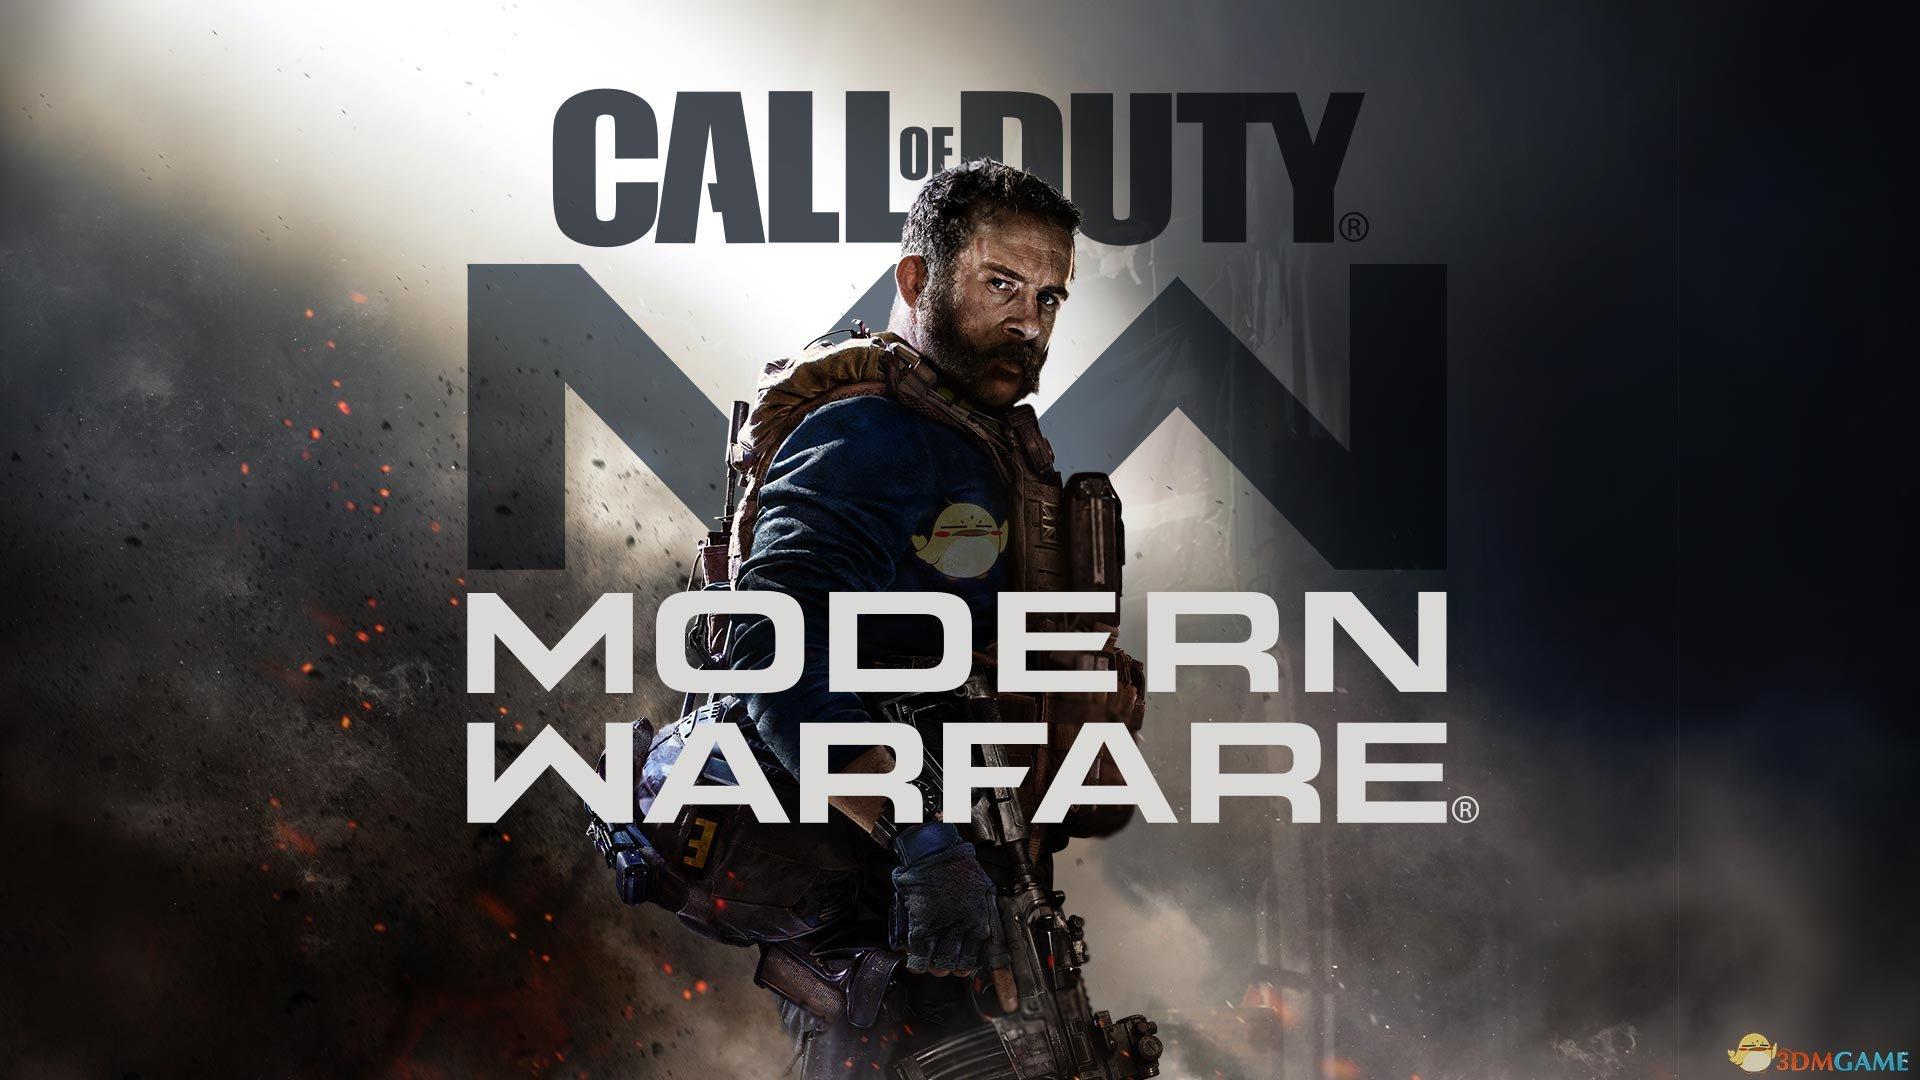 《使命召唤16:现代战争》大逃杀模式地点介绍